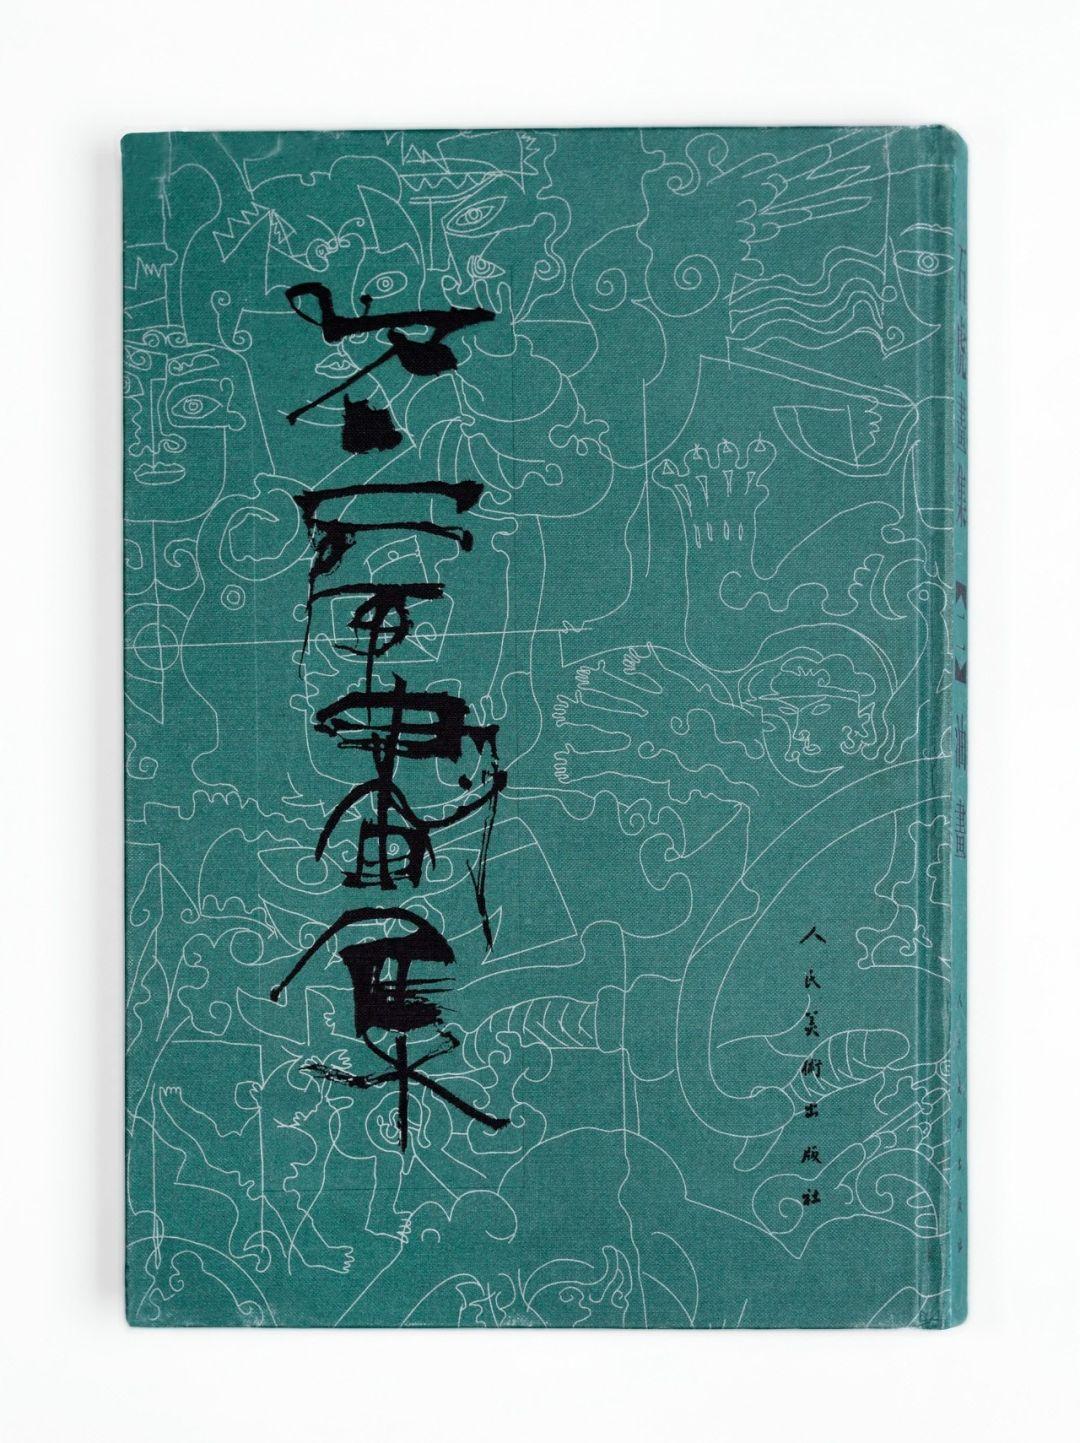 森魂有气蛮有诗——观石虎先生九十年代油画作品